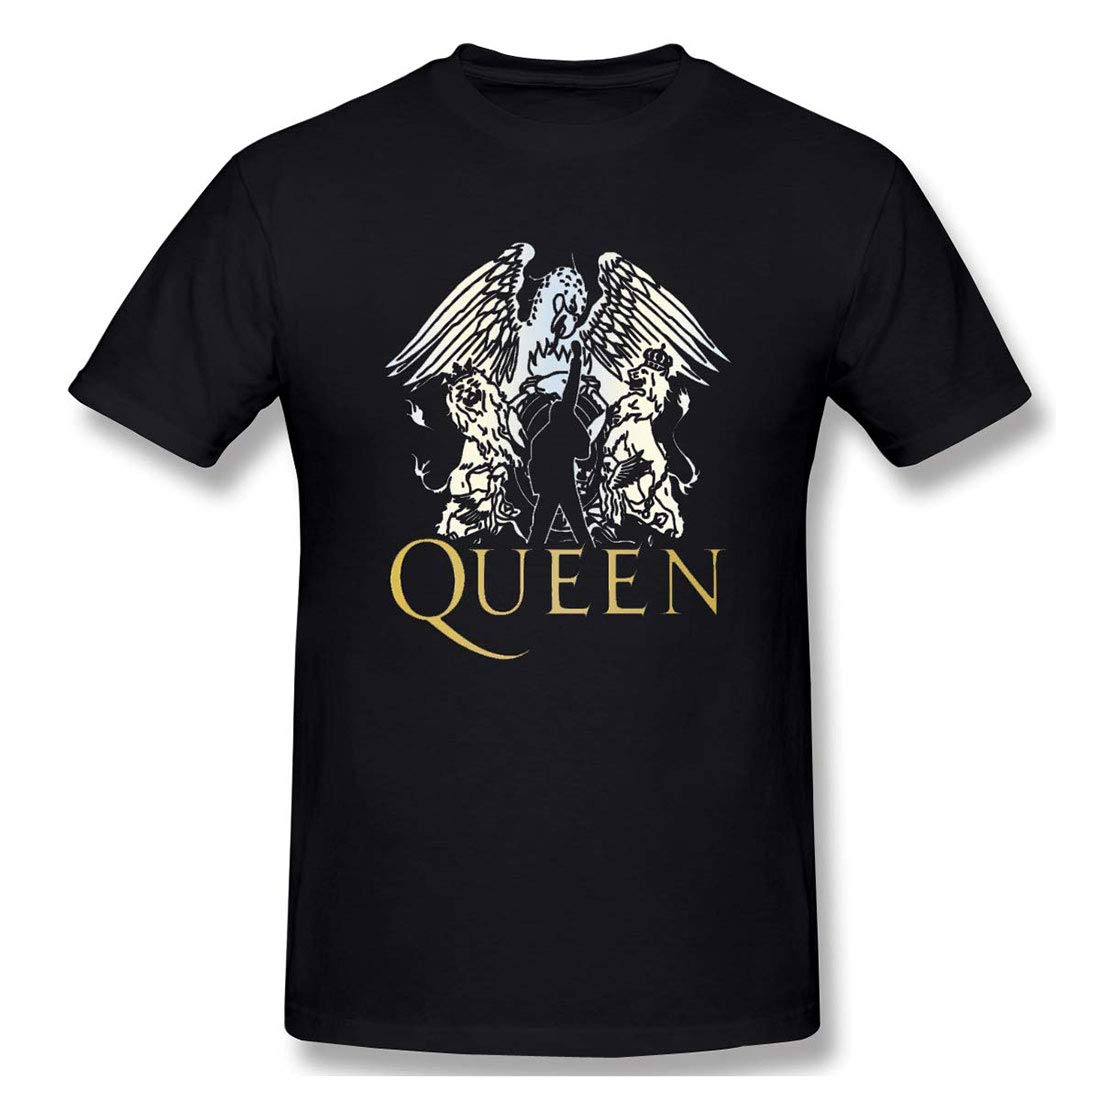 Huangfuzz Chenjunyi Queen Band Comfortable T Shirt Black